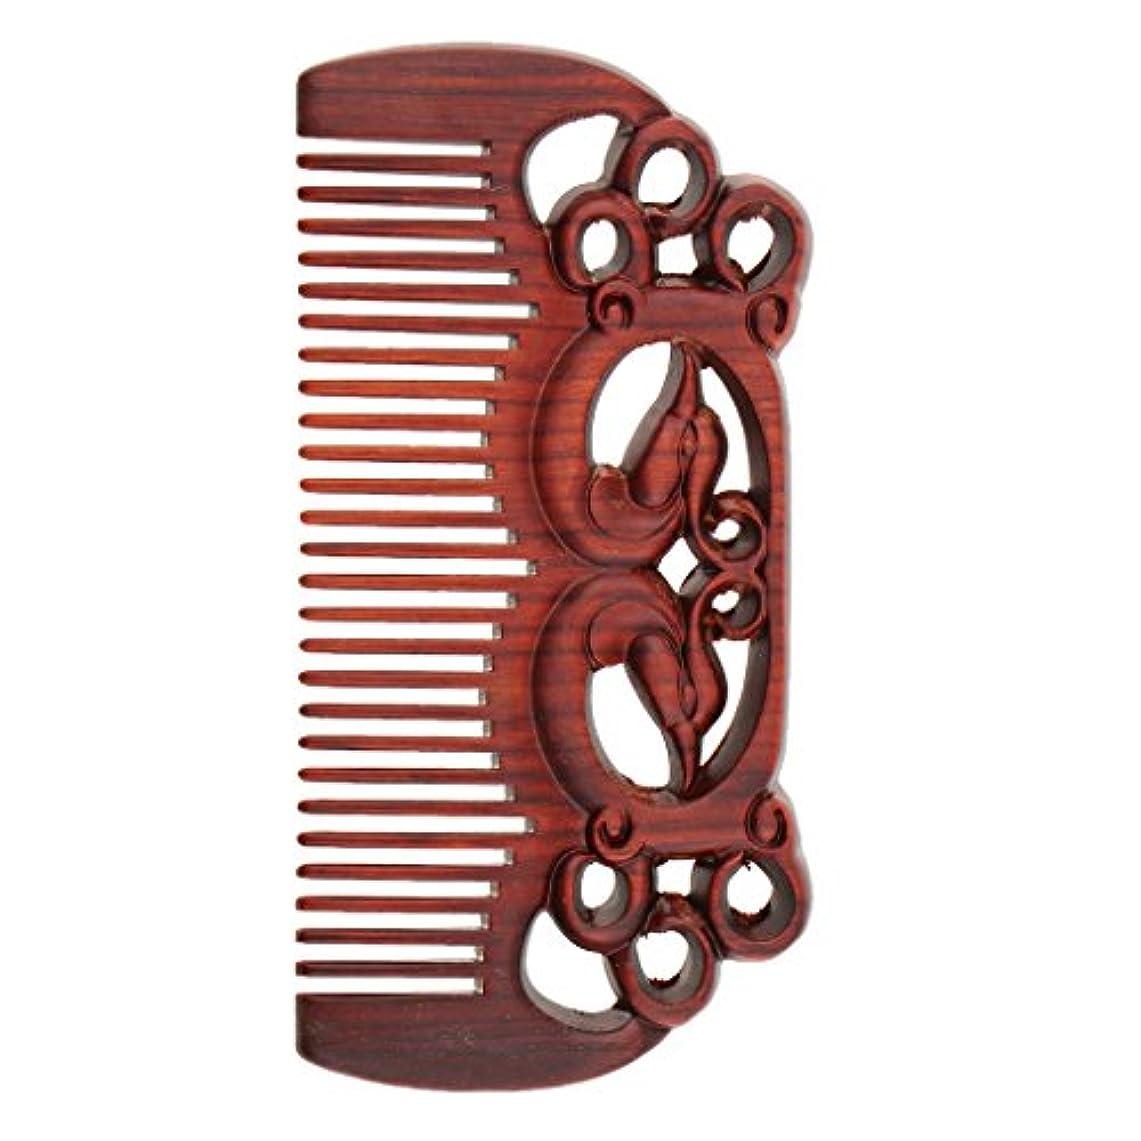 消すタクシーカンガルーPerfeclan ウッドコーム 天然木製 高品質 木製櫛 ワイド歯 ヘアブラシ ヘアスタイリング ヘアコーム 2タイプ選べる - #1